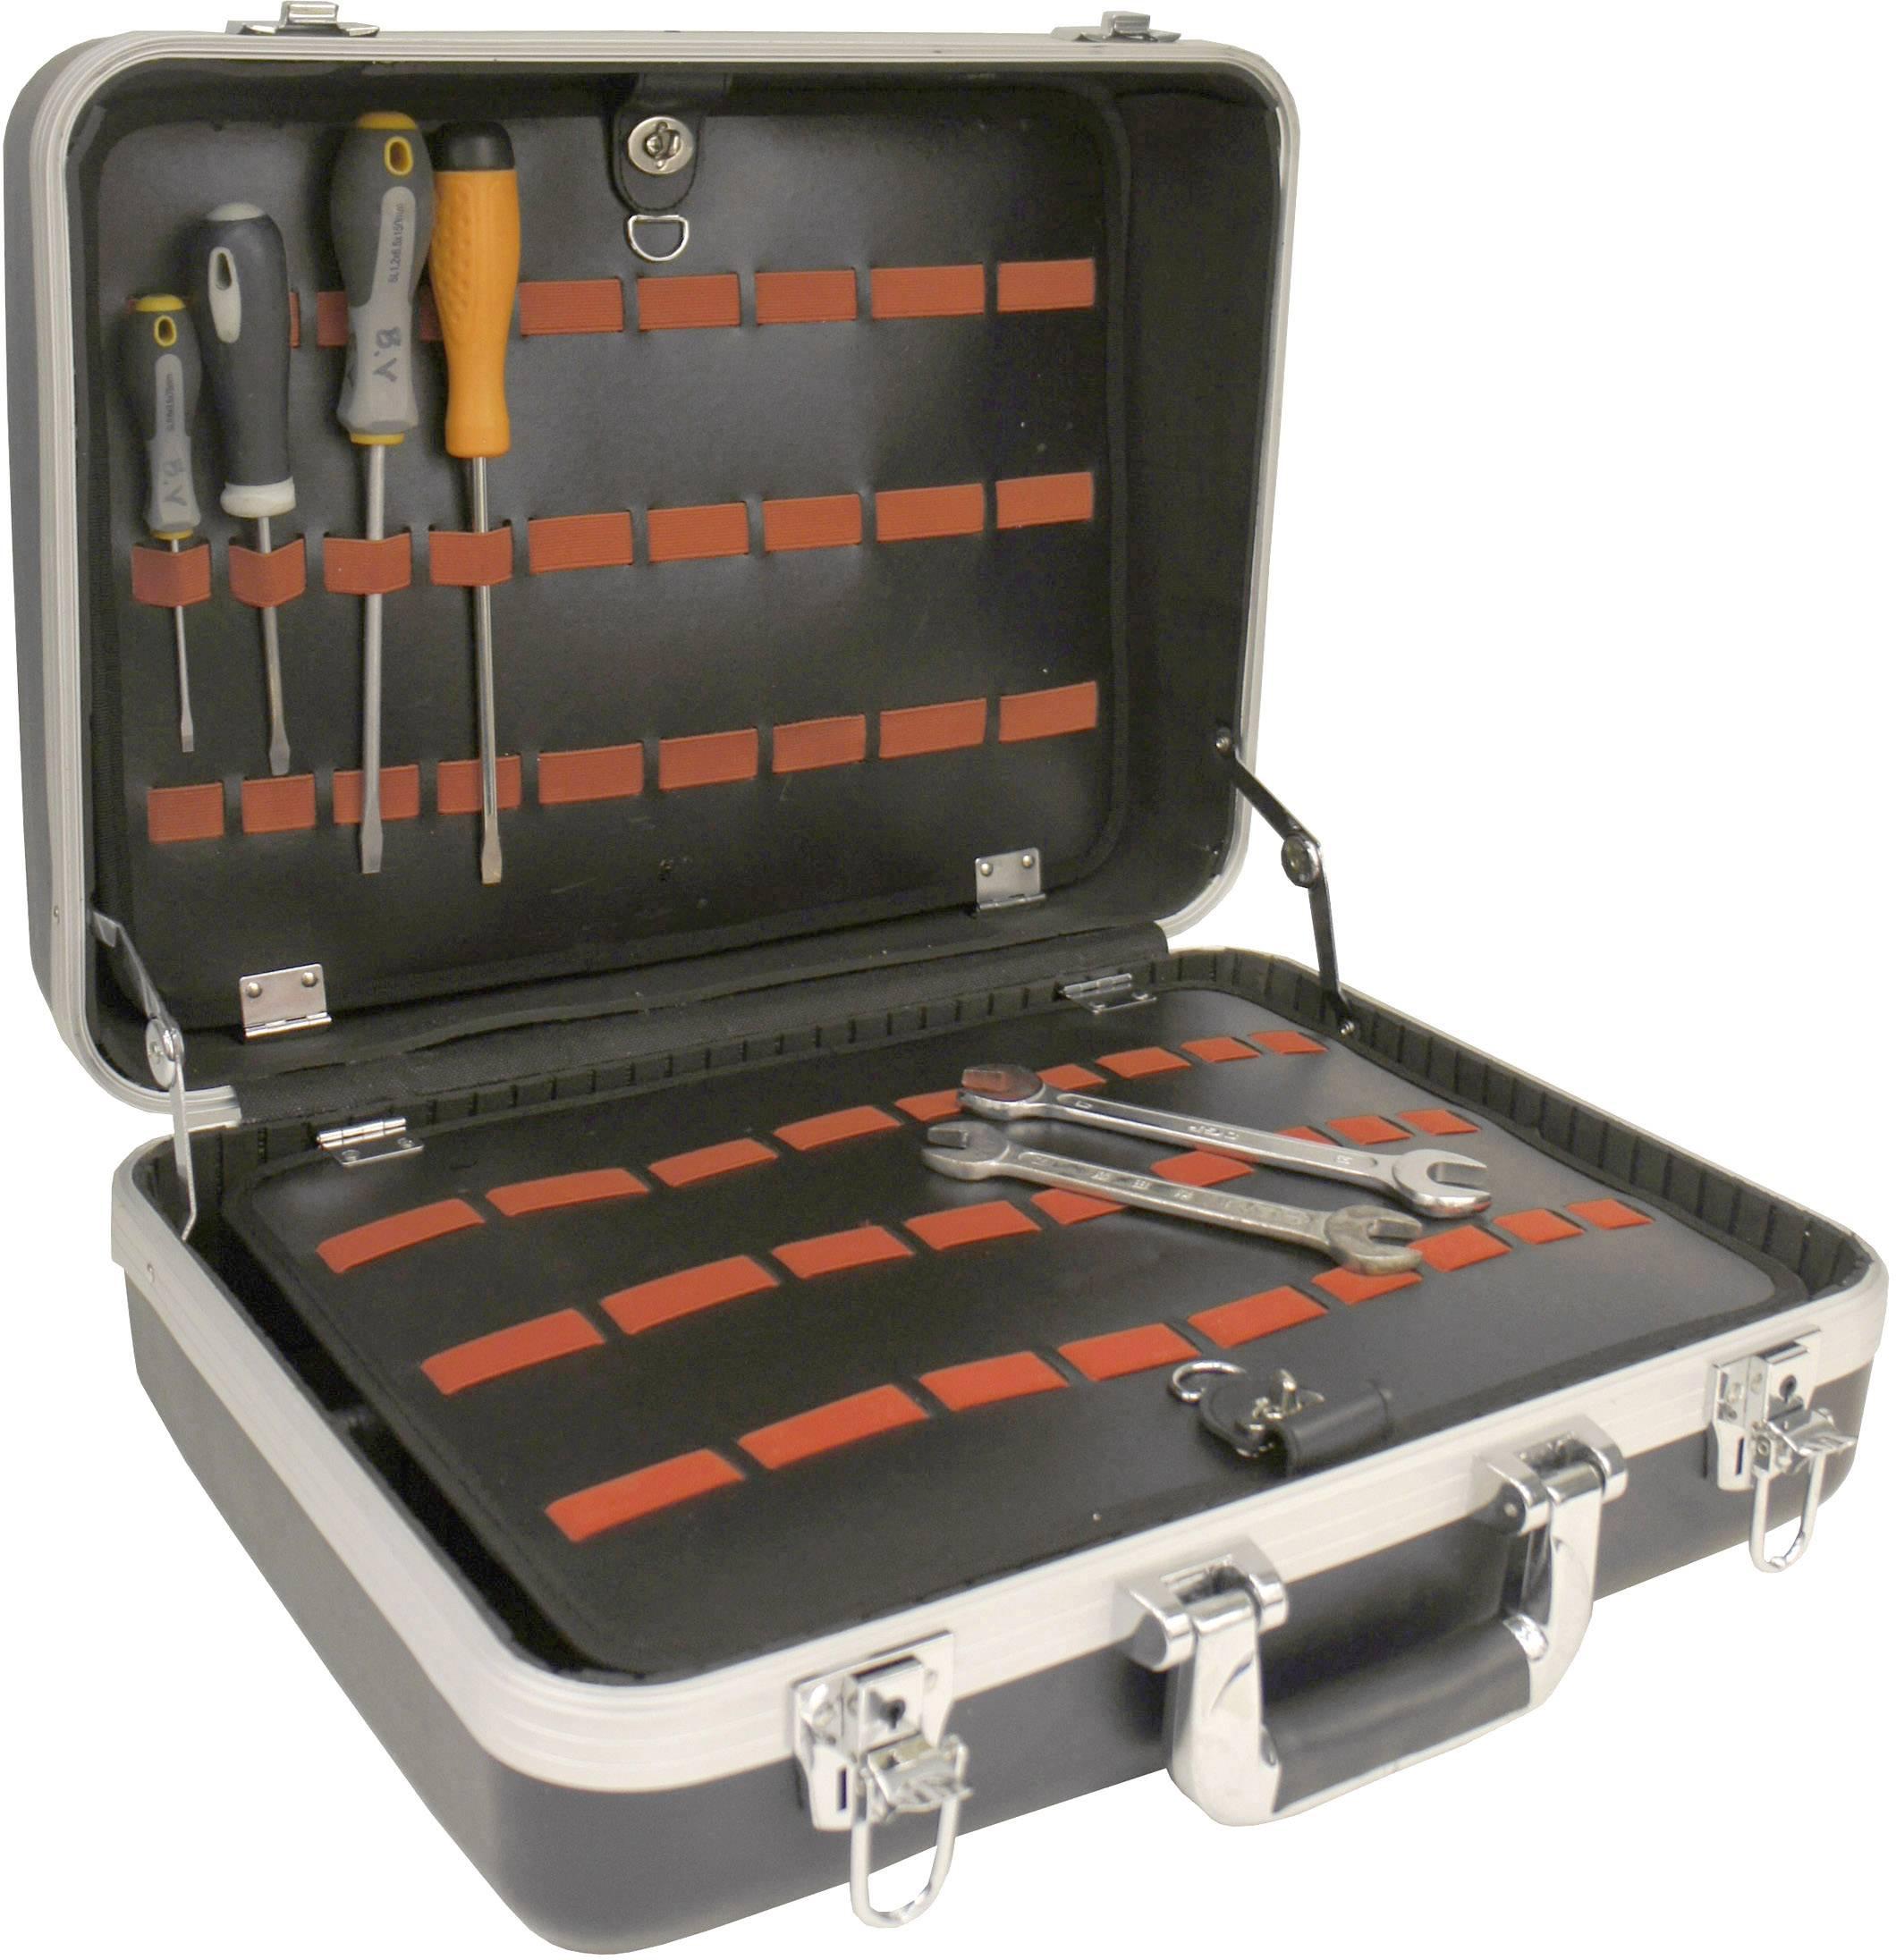 Kufřík na nářadí VISO PT203, (d x š x v) 480 x 360 x 150 mm